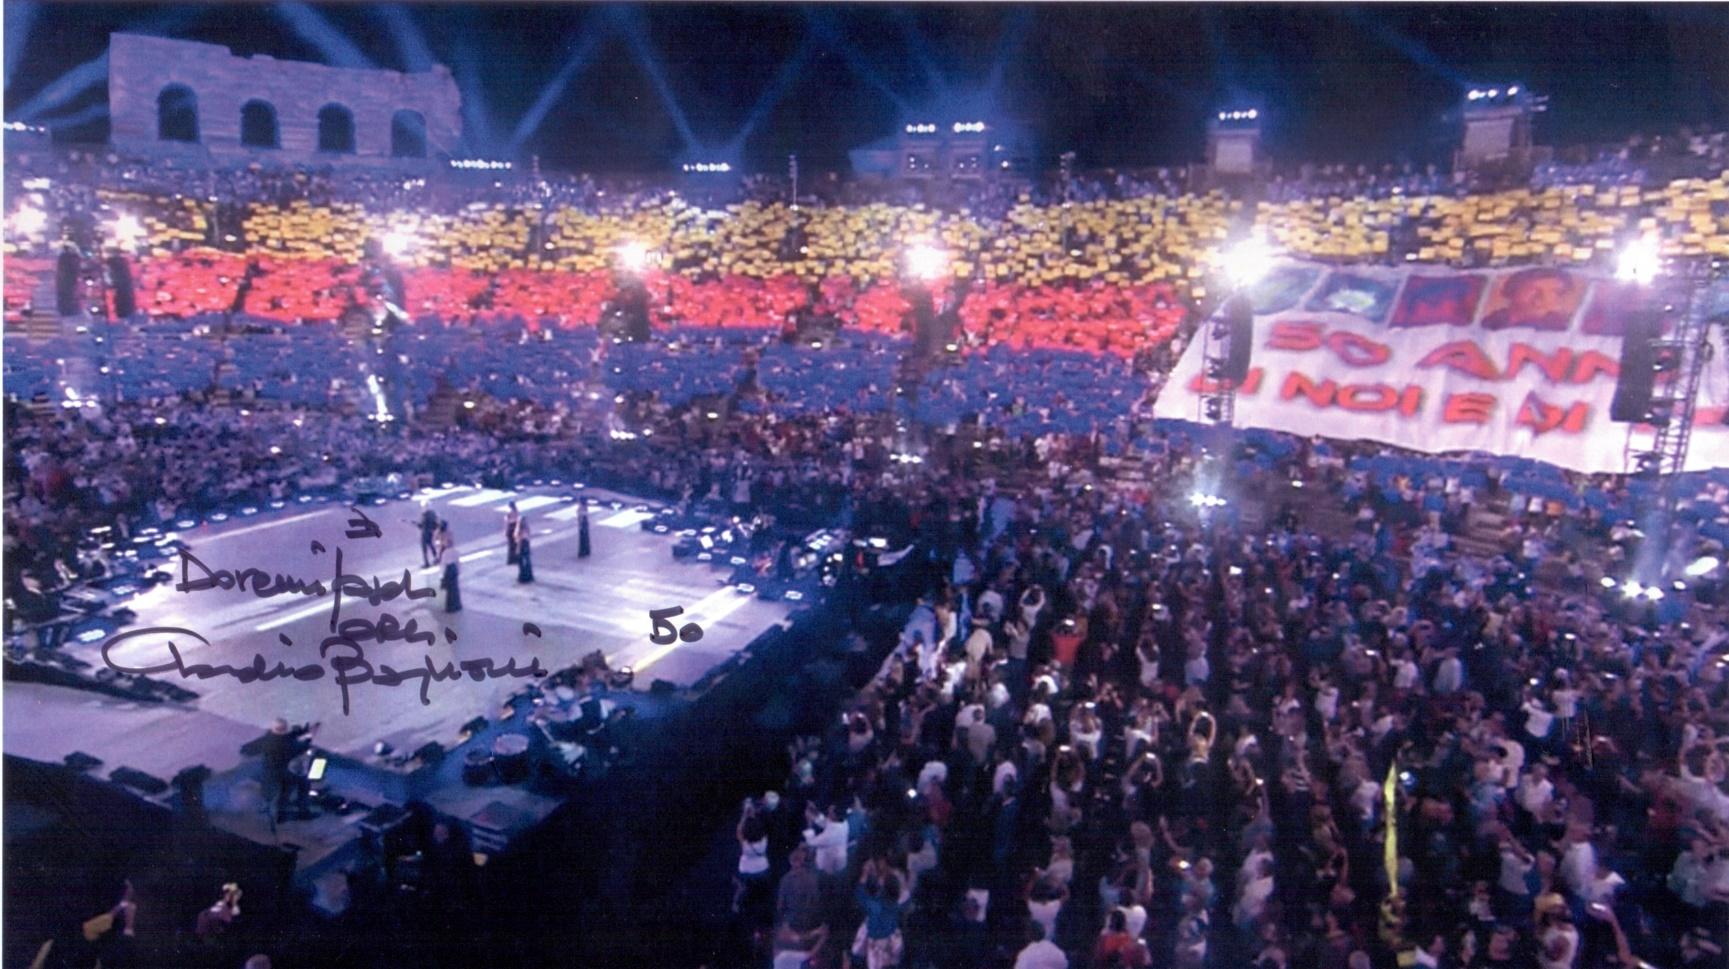 Calendario Arena Verona 2020.Claudio Baglioni Arena Di Verona Replica Su Rai 1